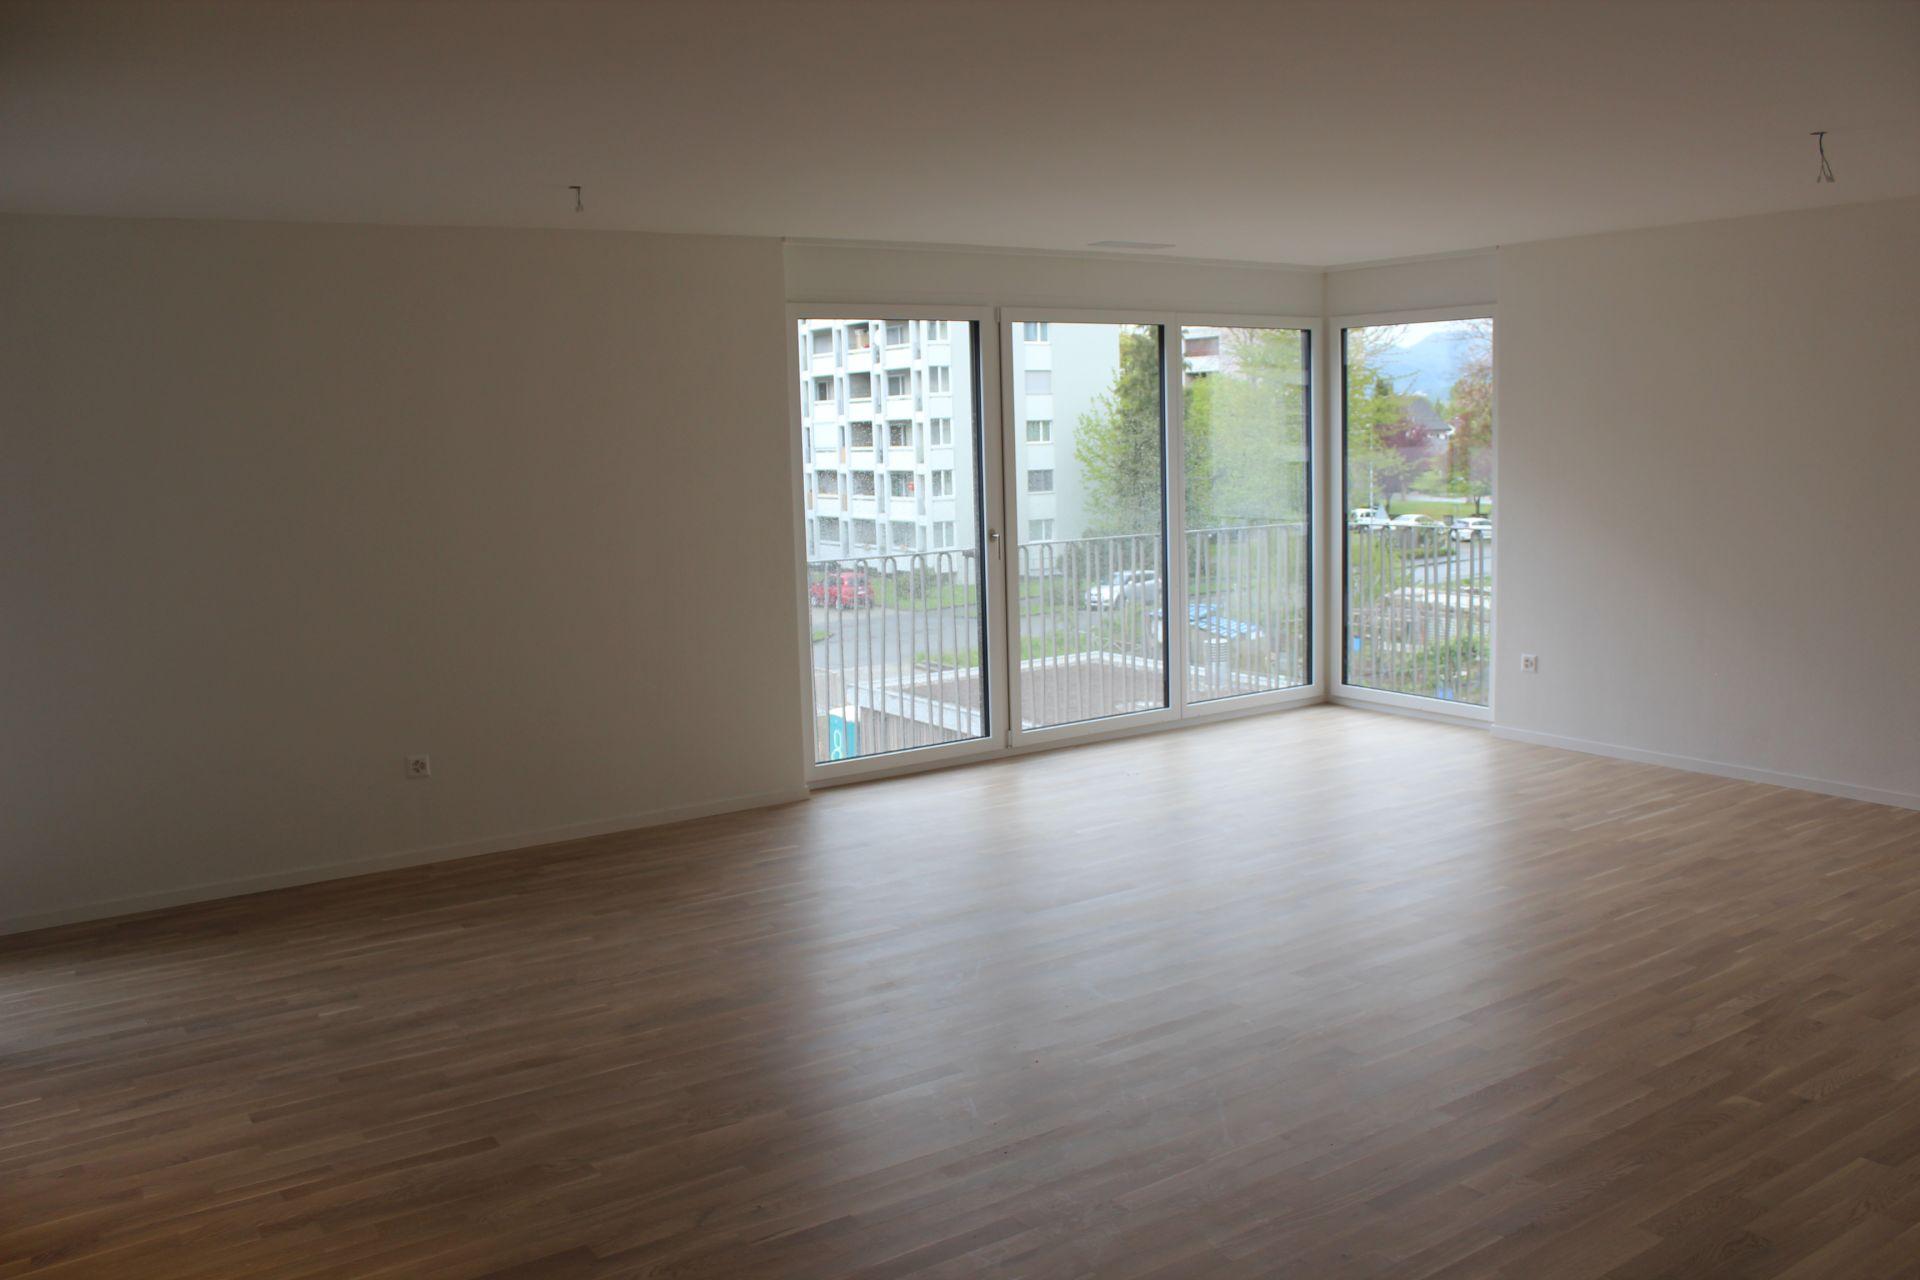 Miete: grosse, tolle Wohnung für alle Lebenslagen